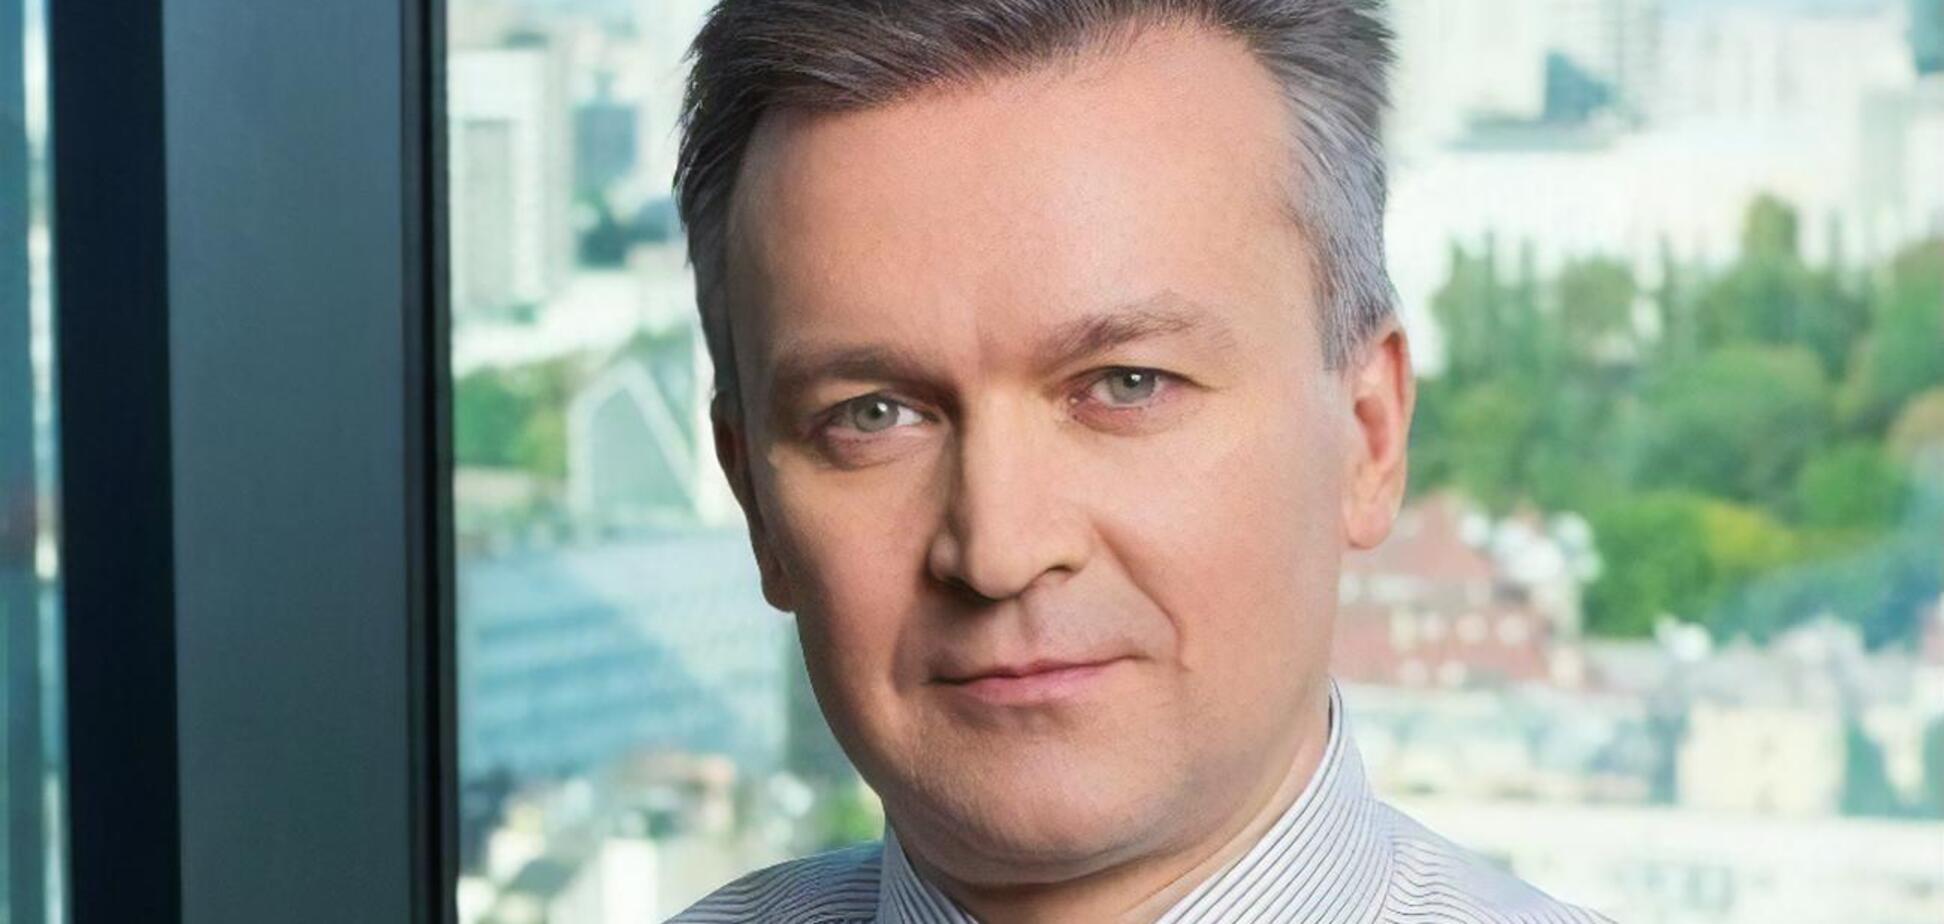 Бутенко обвинил НКРЭКУ в публикации фейков об участниках рынка